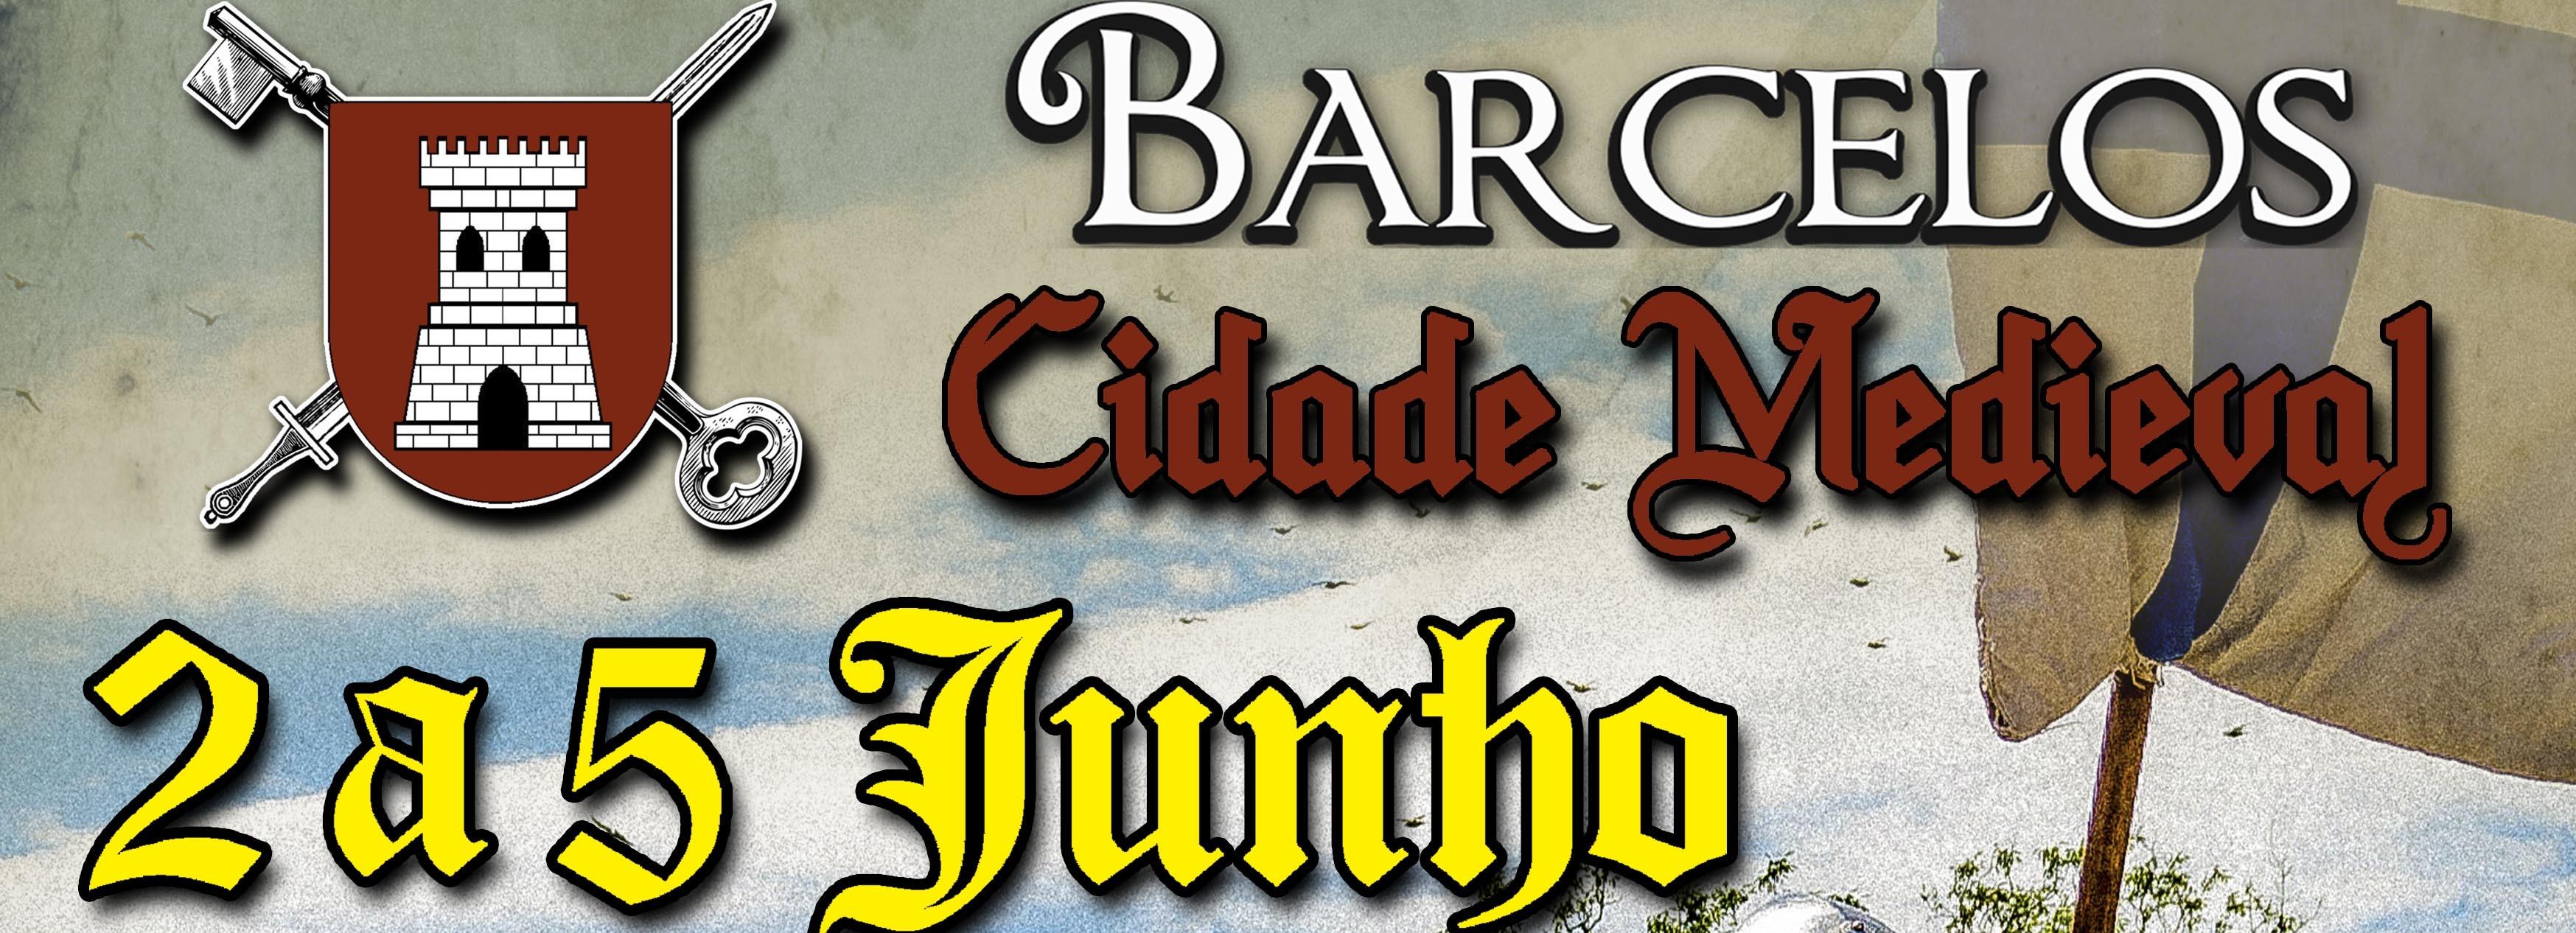 Ceia abre apetite para Barcelos Cidade Medieval